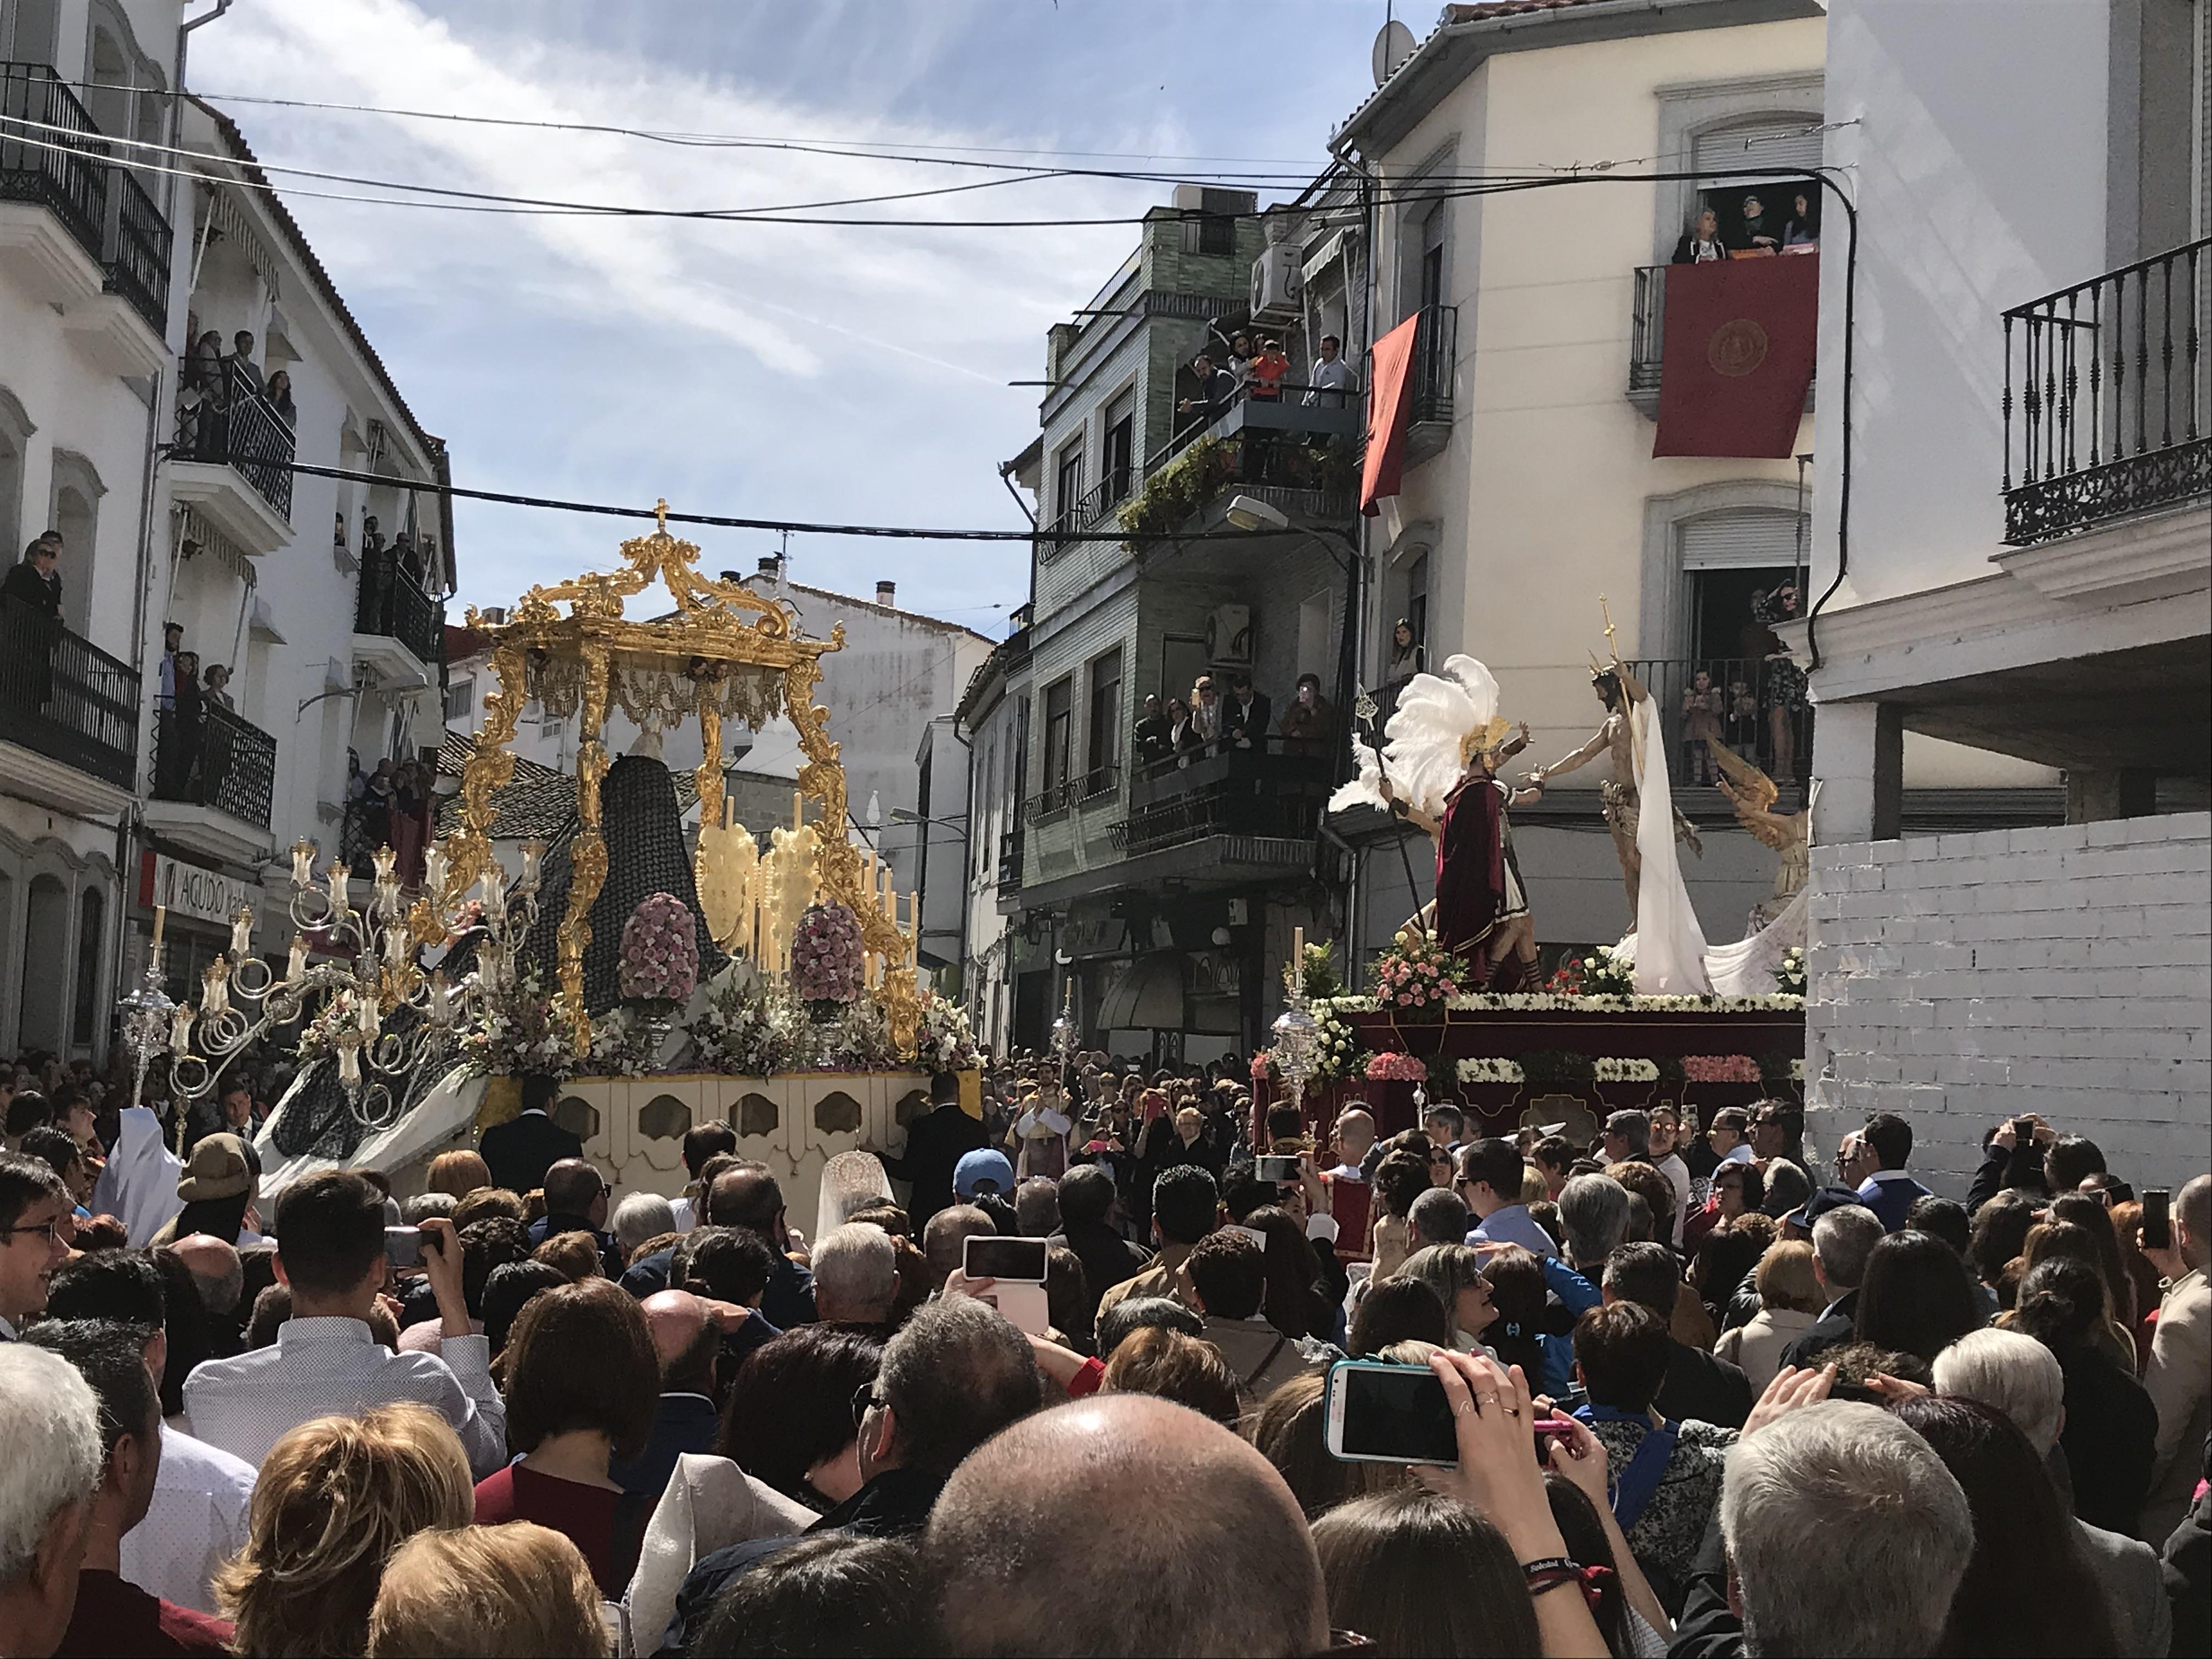 Domingo de Resurreccion - Pozoblanco